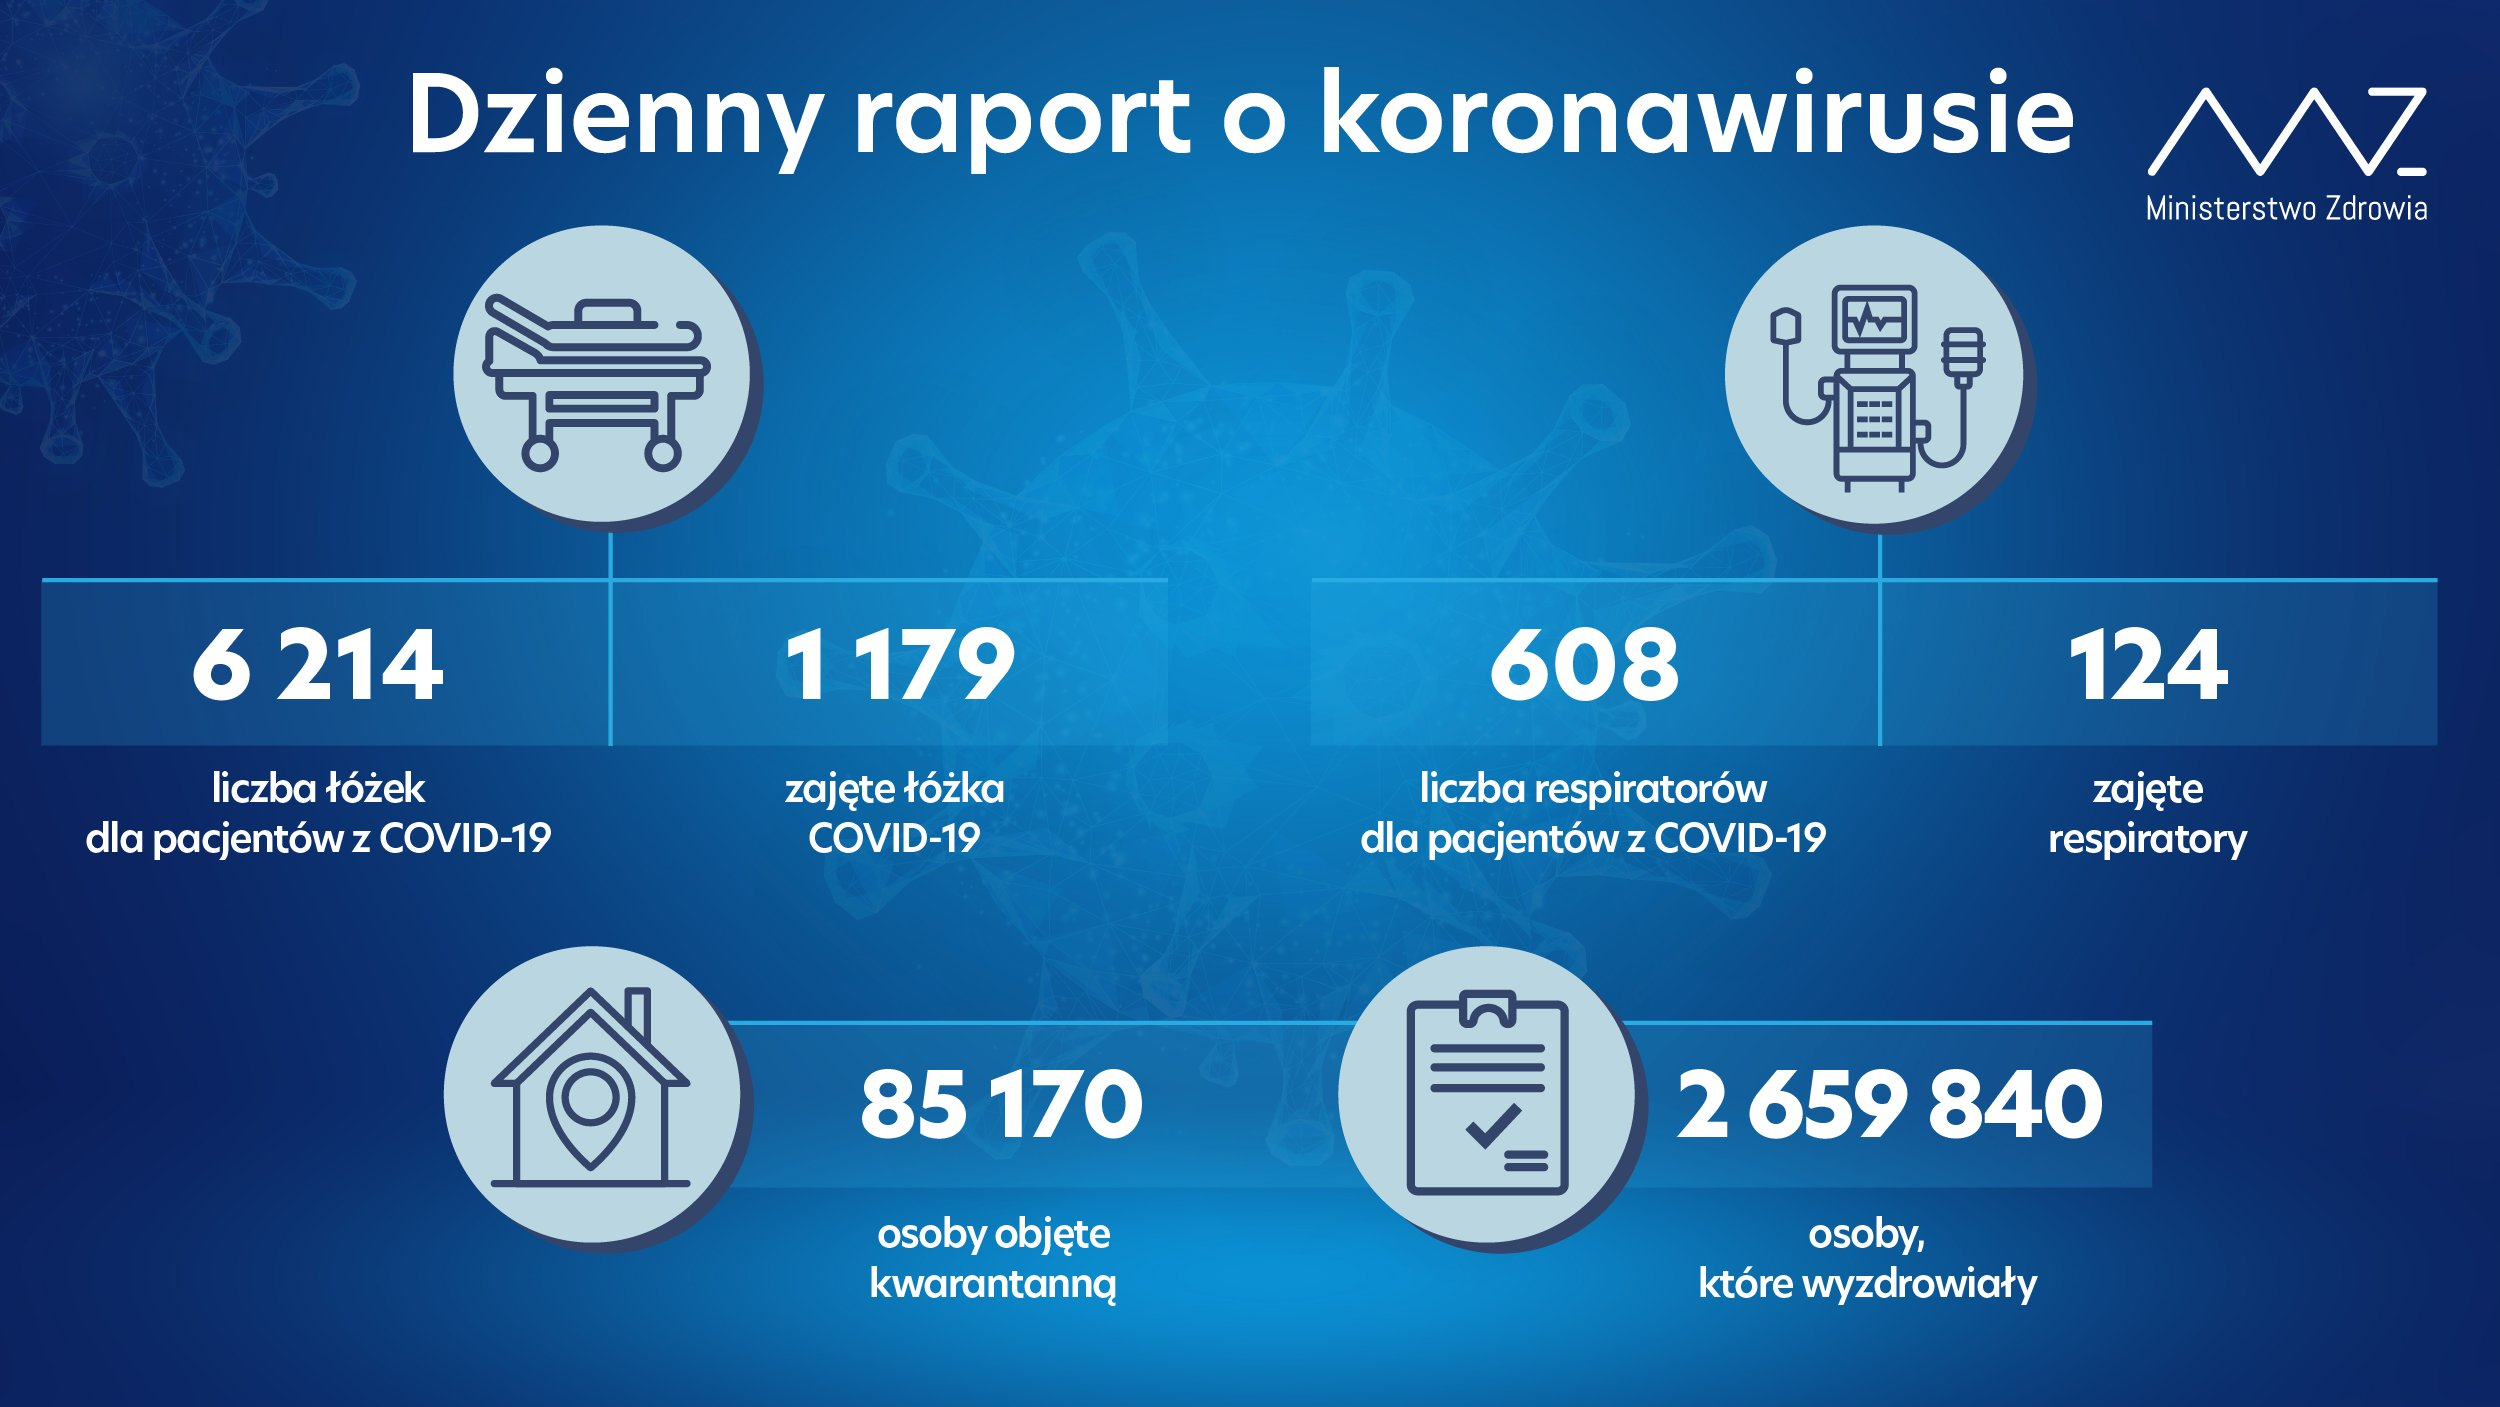 Dzienny raport o koronawirusie Ministerstwa Zdrowia